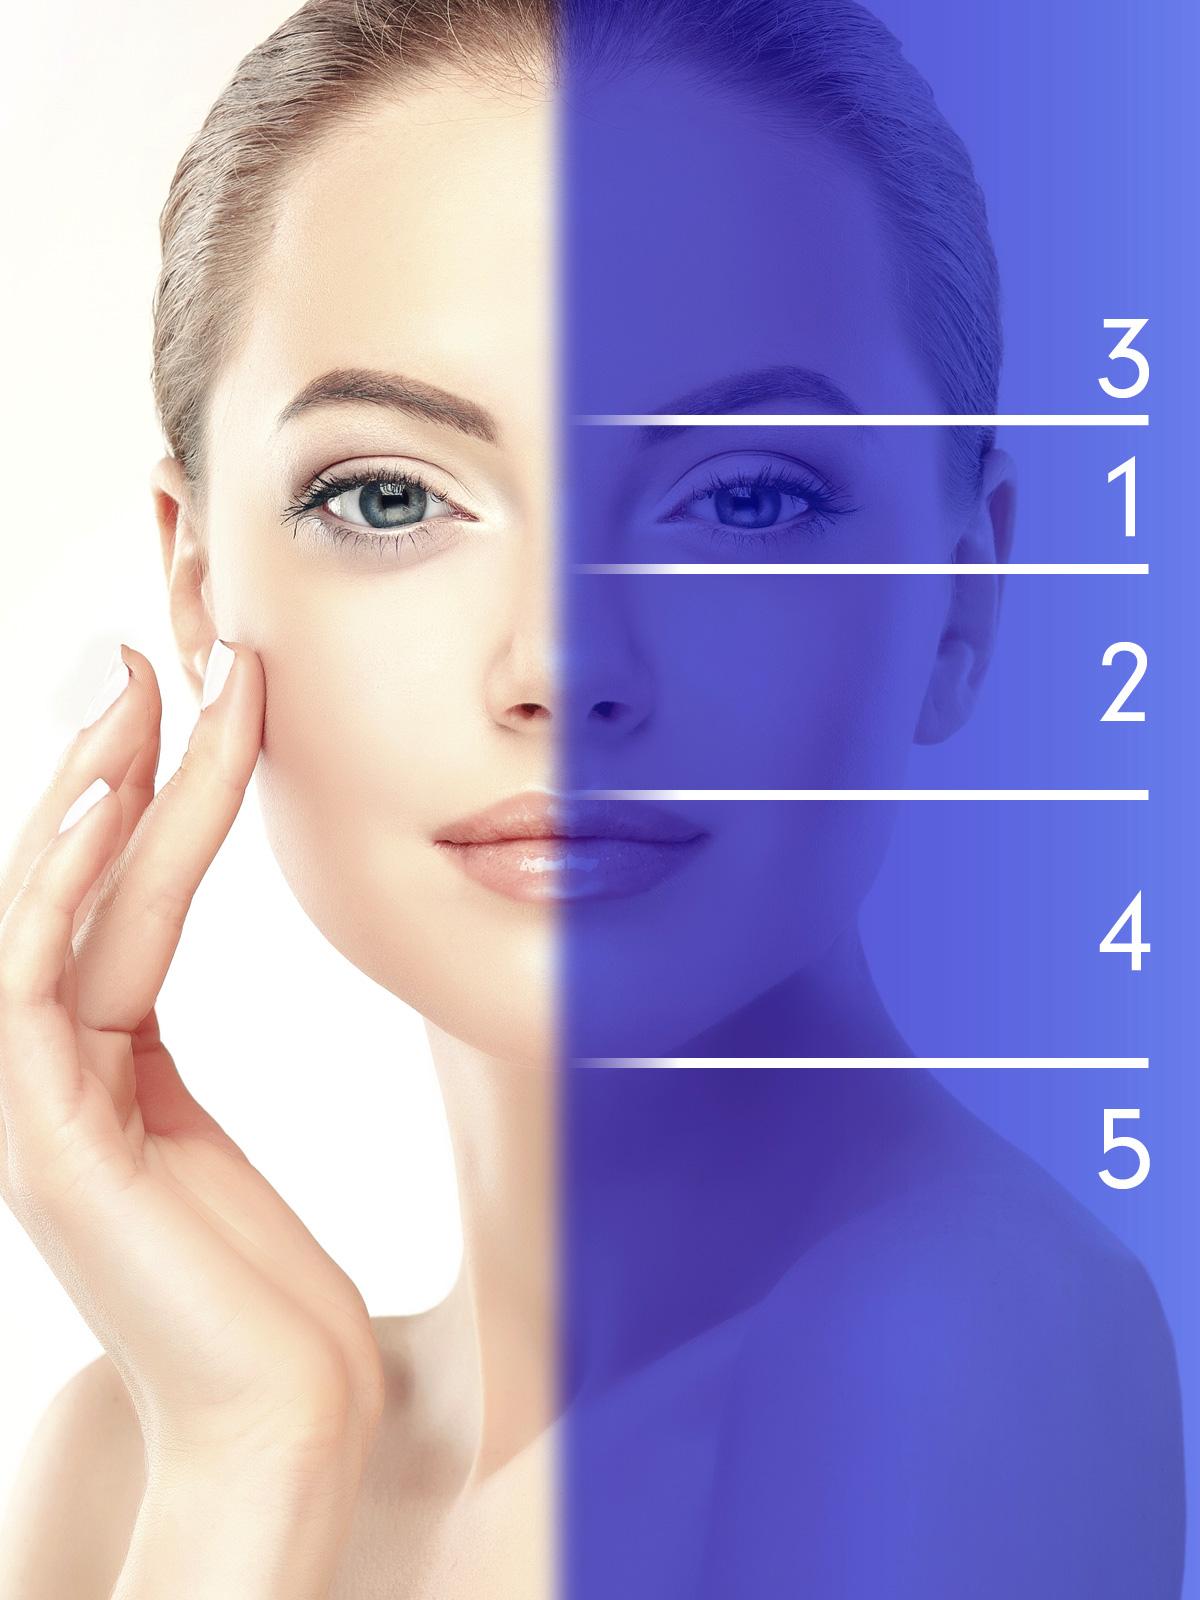 Hautanalyse Frauengesicht mit 5 Einteilungen für die Erstellung der Optiphi Hautanalyse